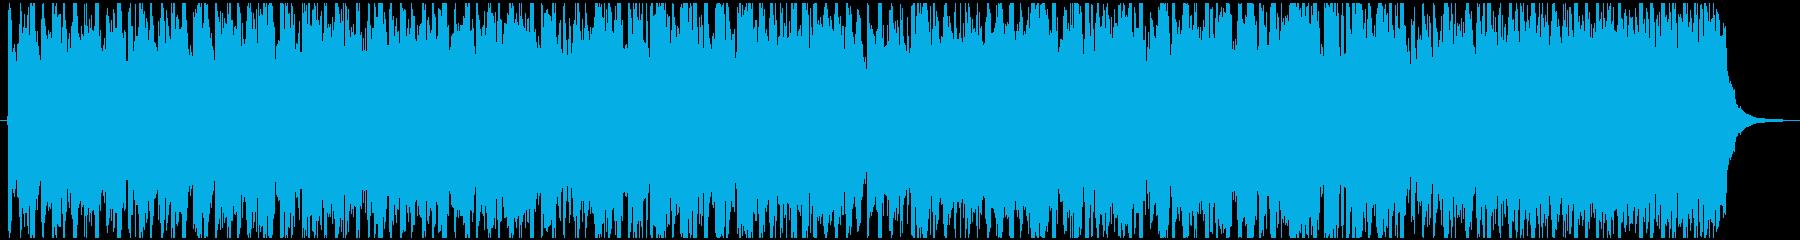 ゲームの軍隊が行進するイメージです。の再生済みの波形